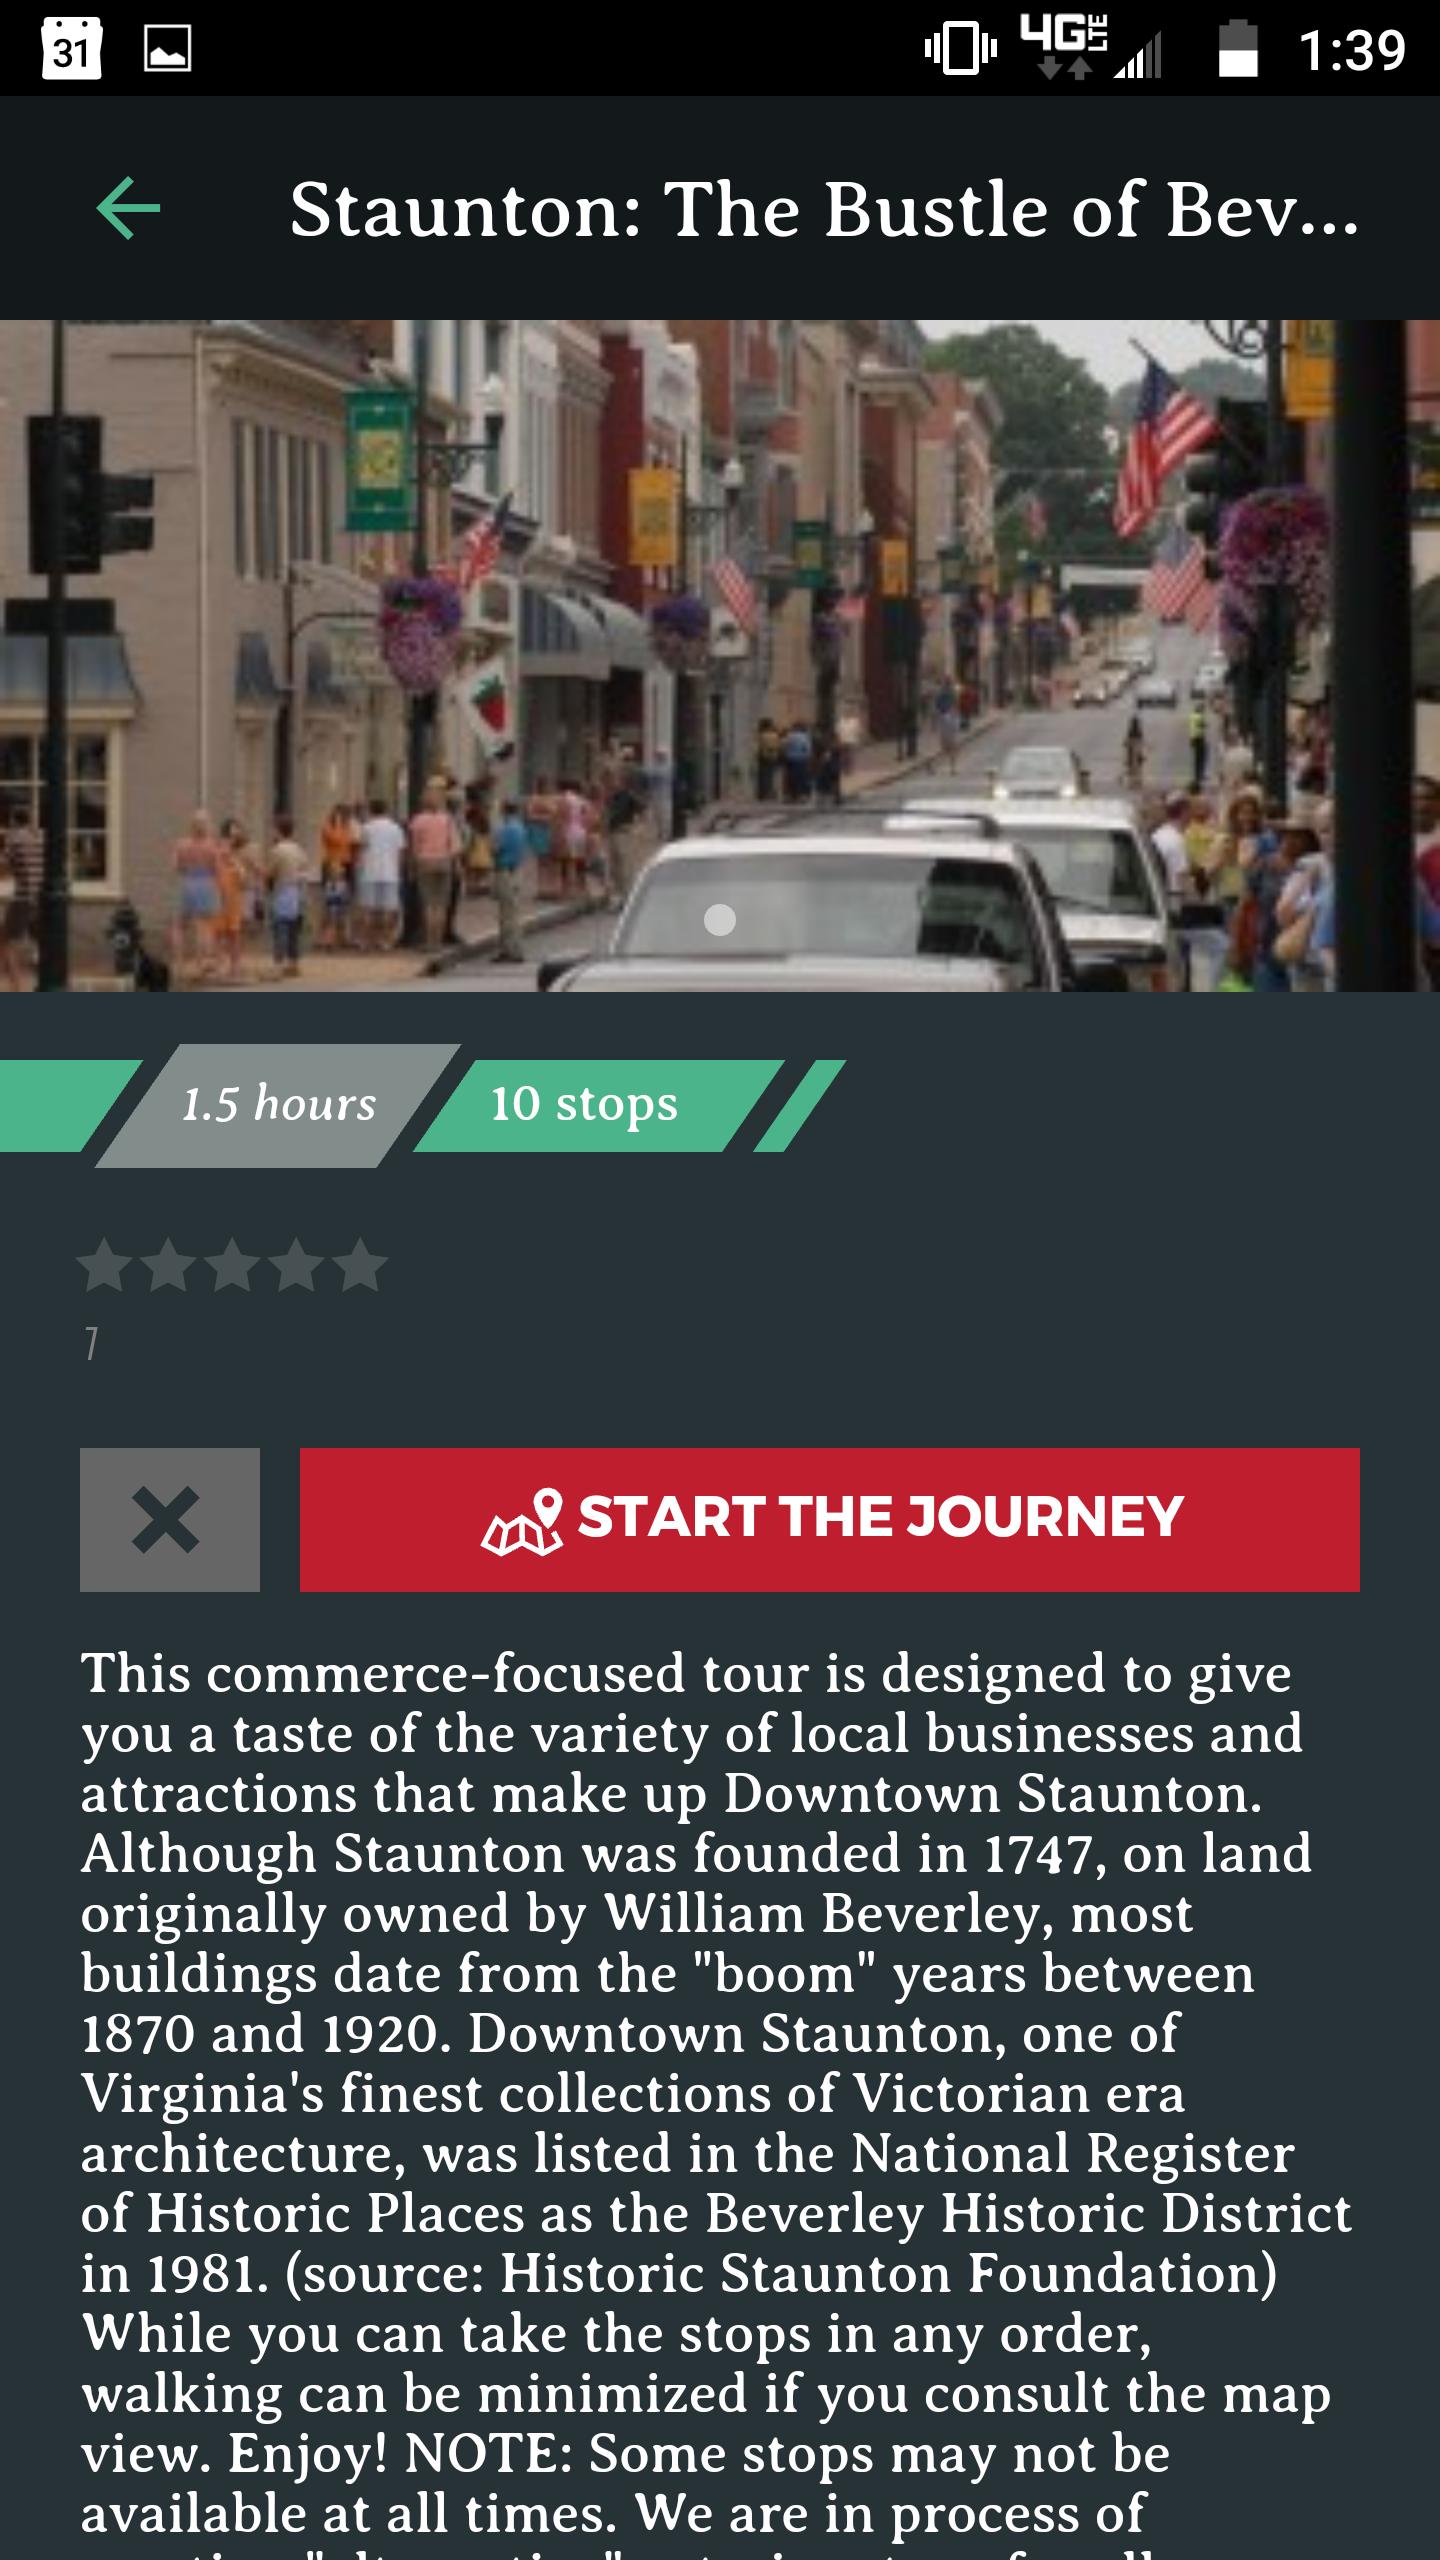 Tour Description